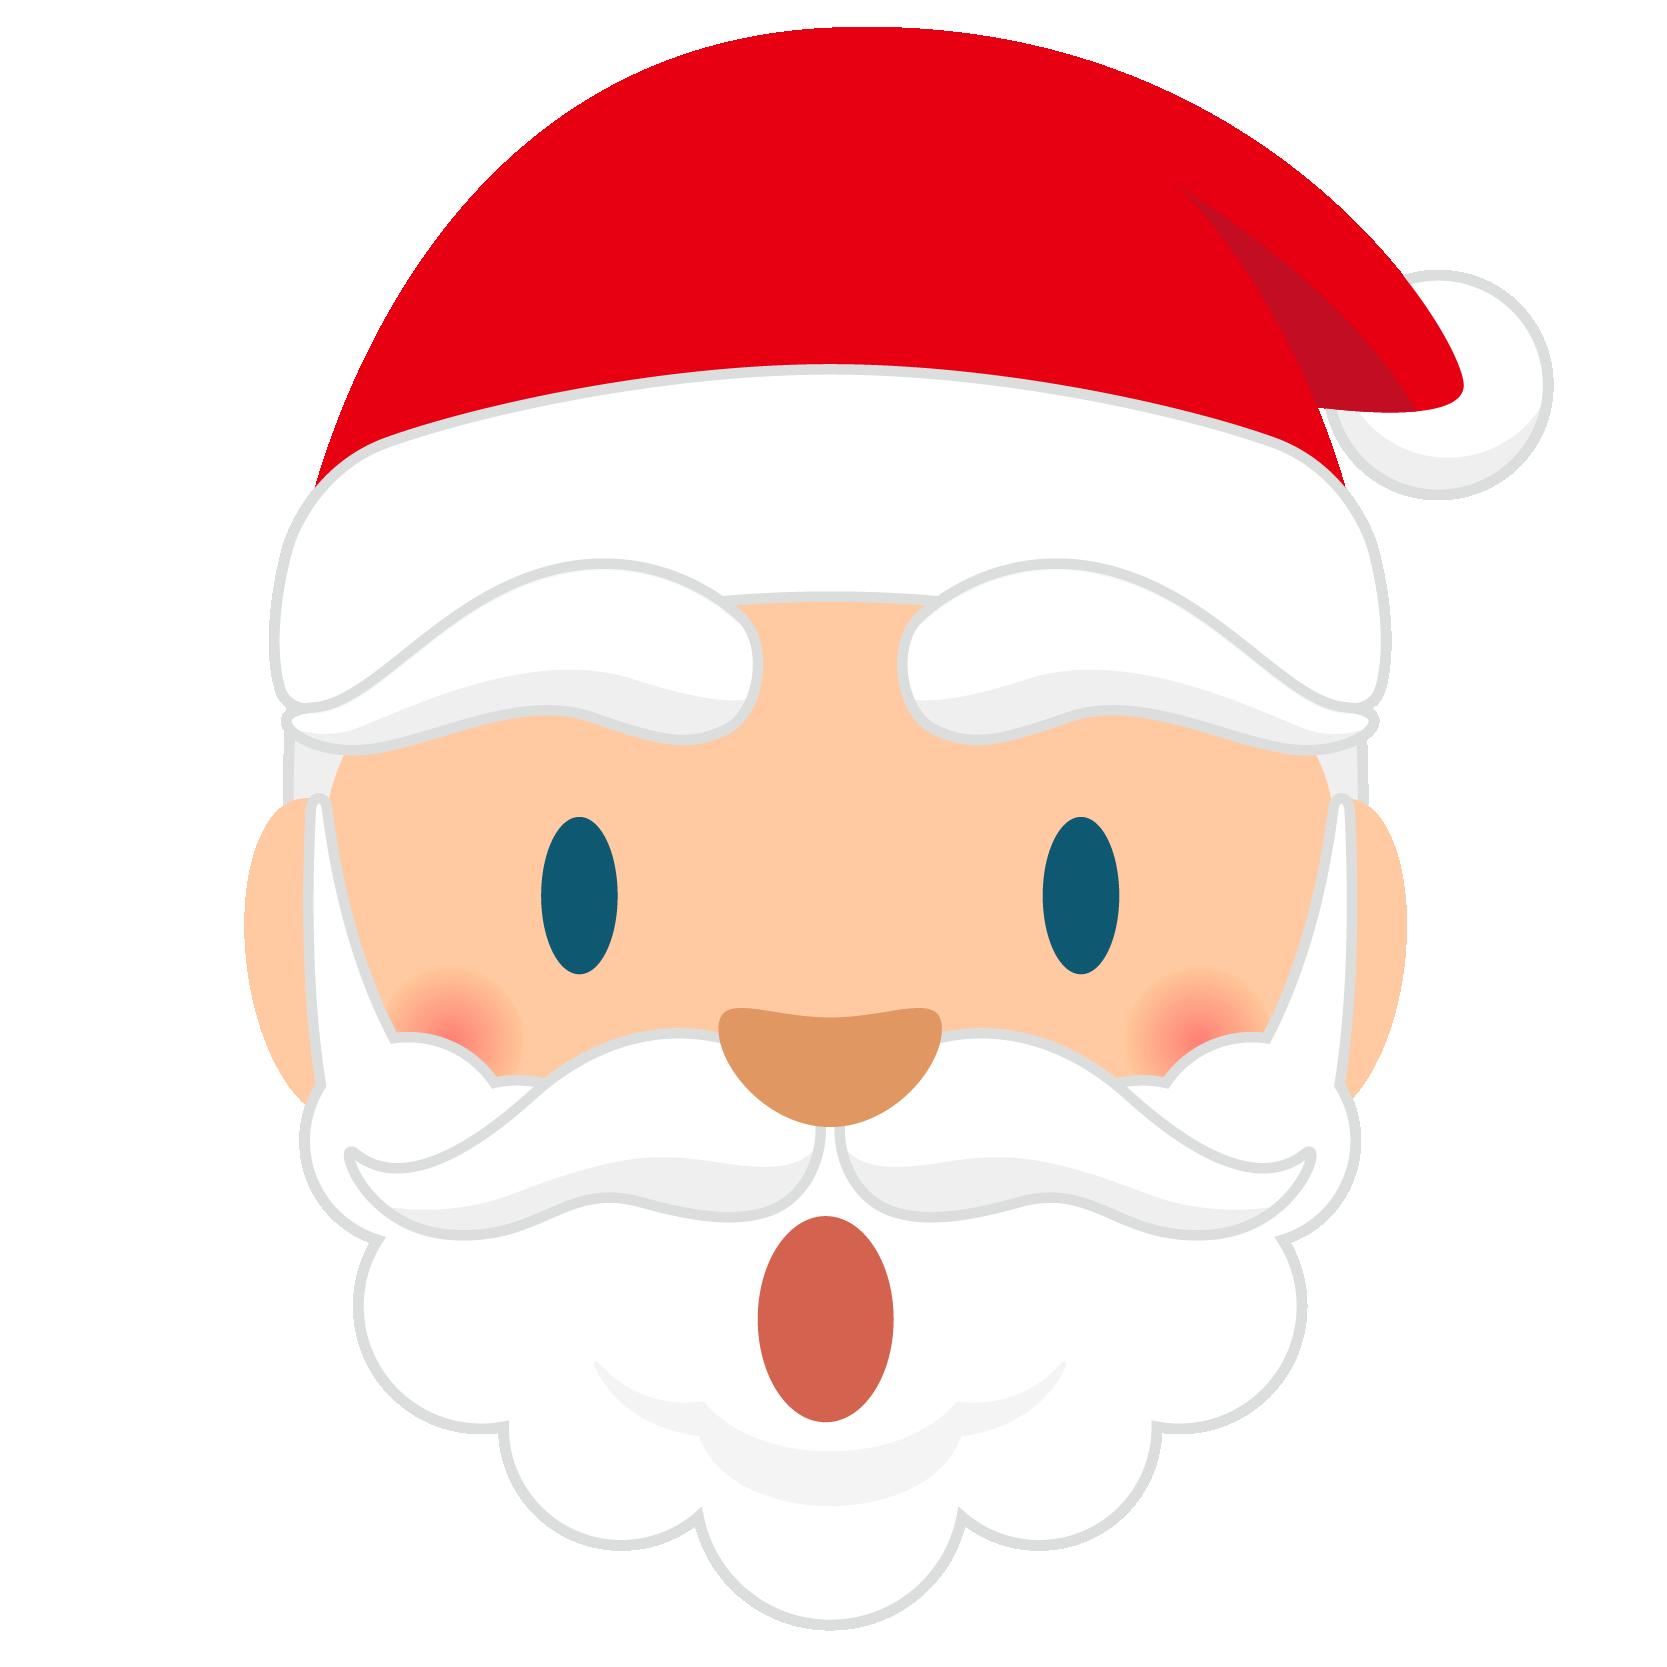 商用フリー・無料イラスト_クリスマス_サンタクロース_顔_びっくり